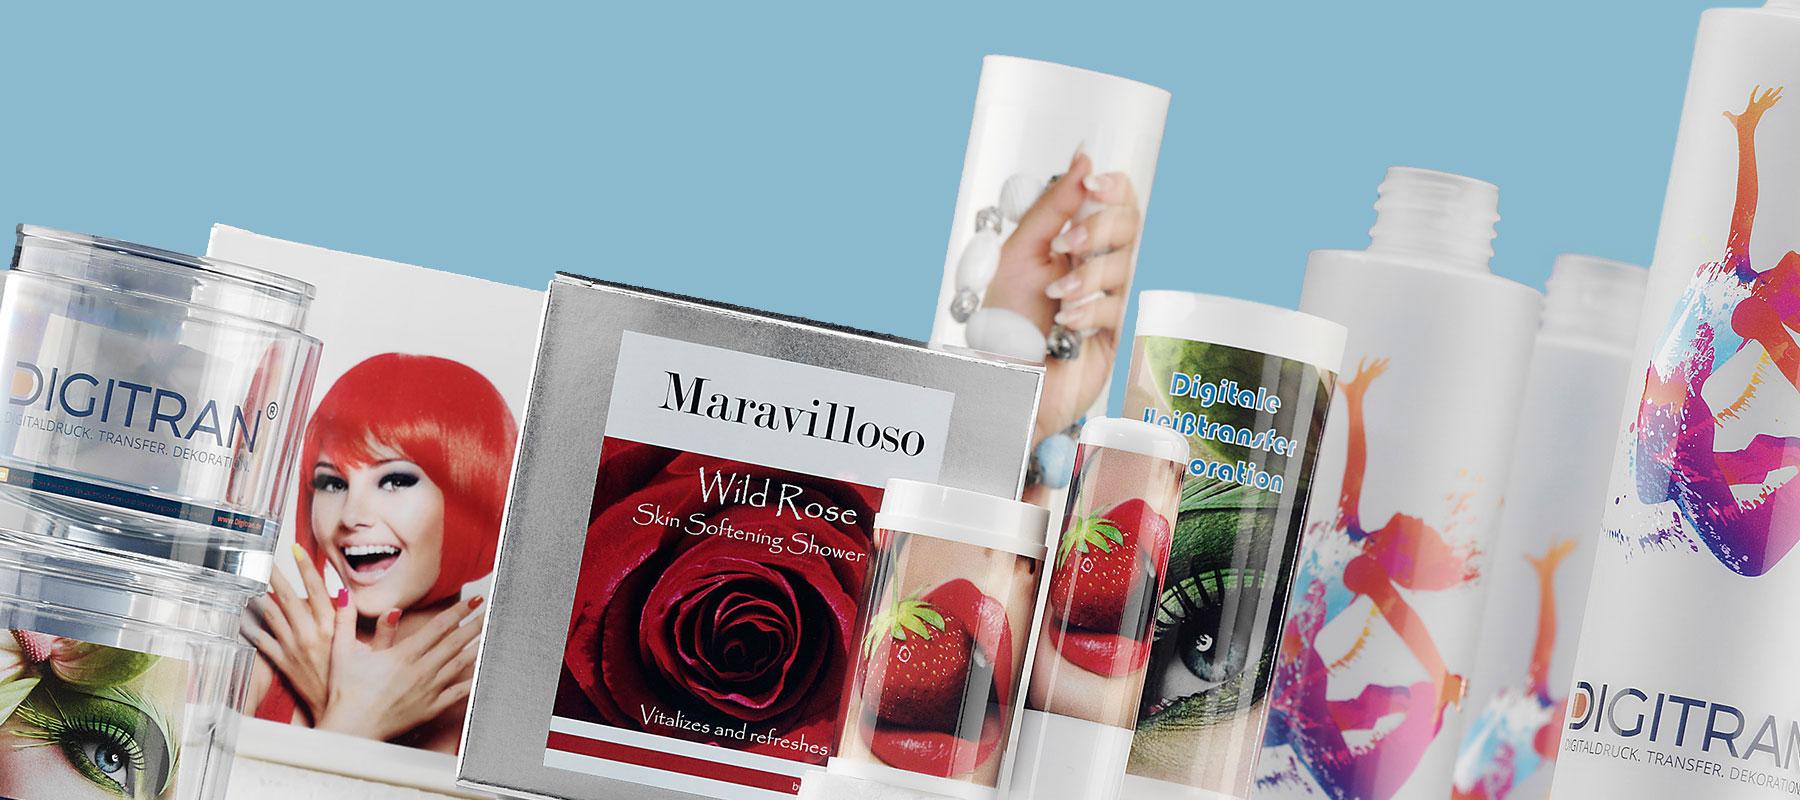 Kosmetikartikel - Beautyprodukte dekoriert mit DIGITRAN Heißtransferbildern